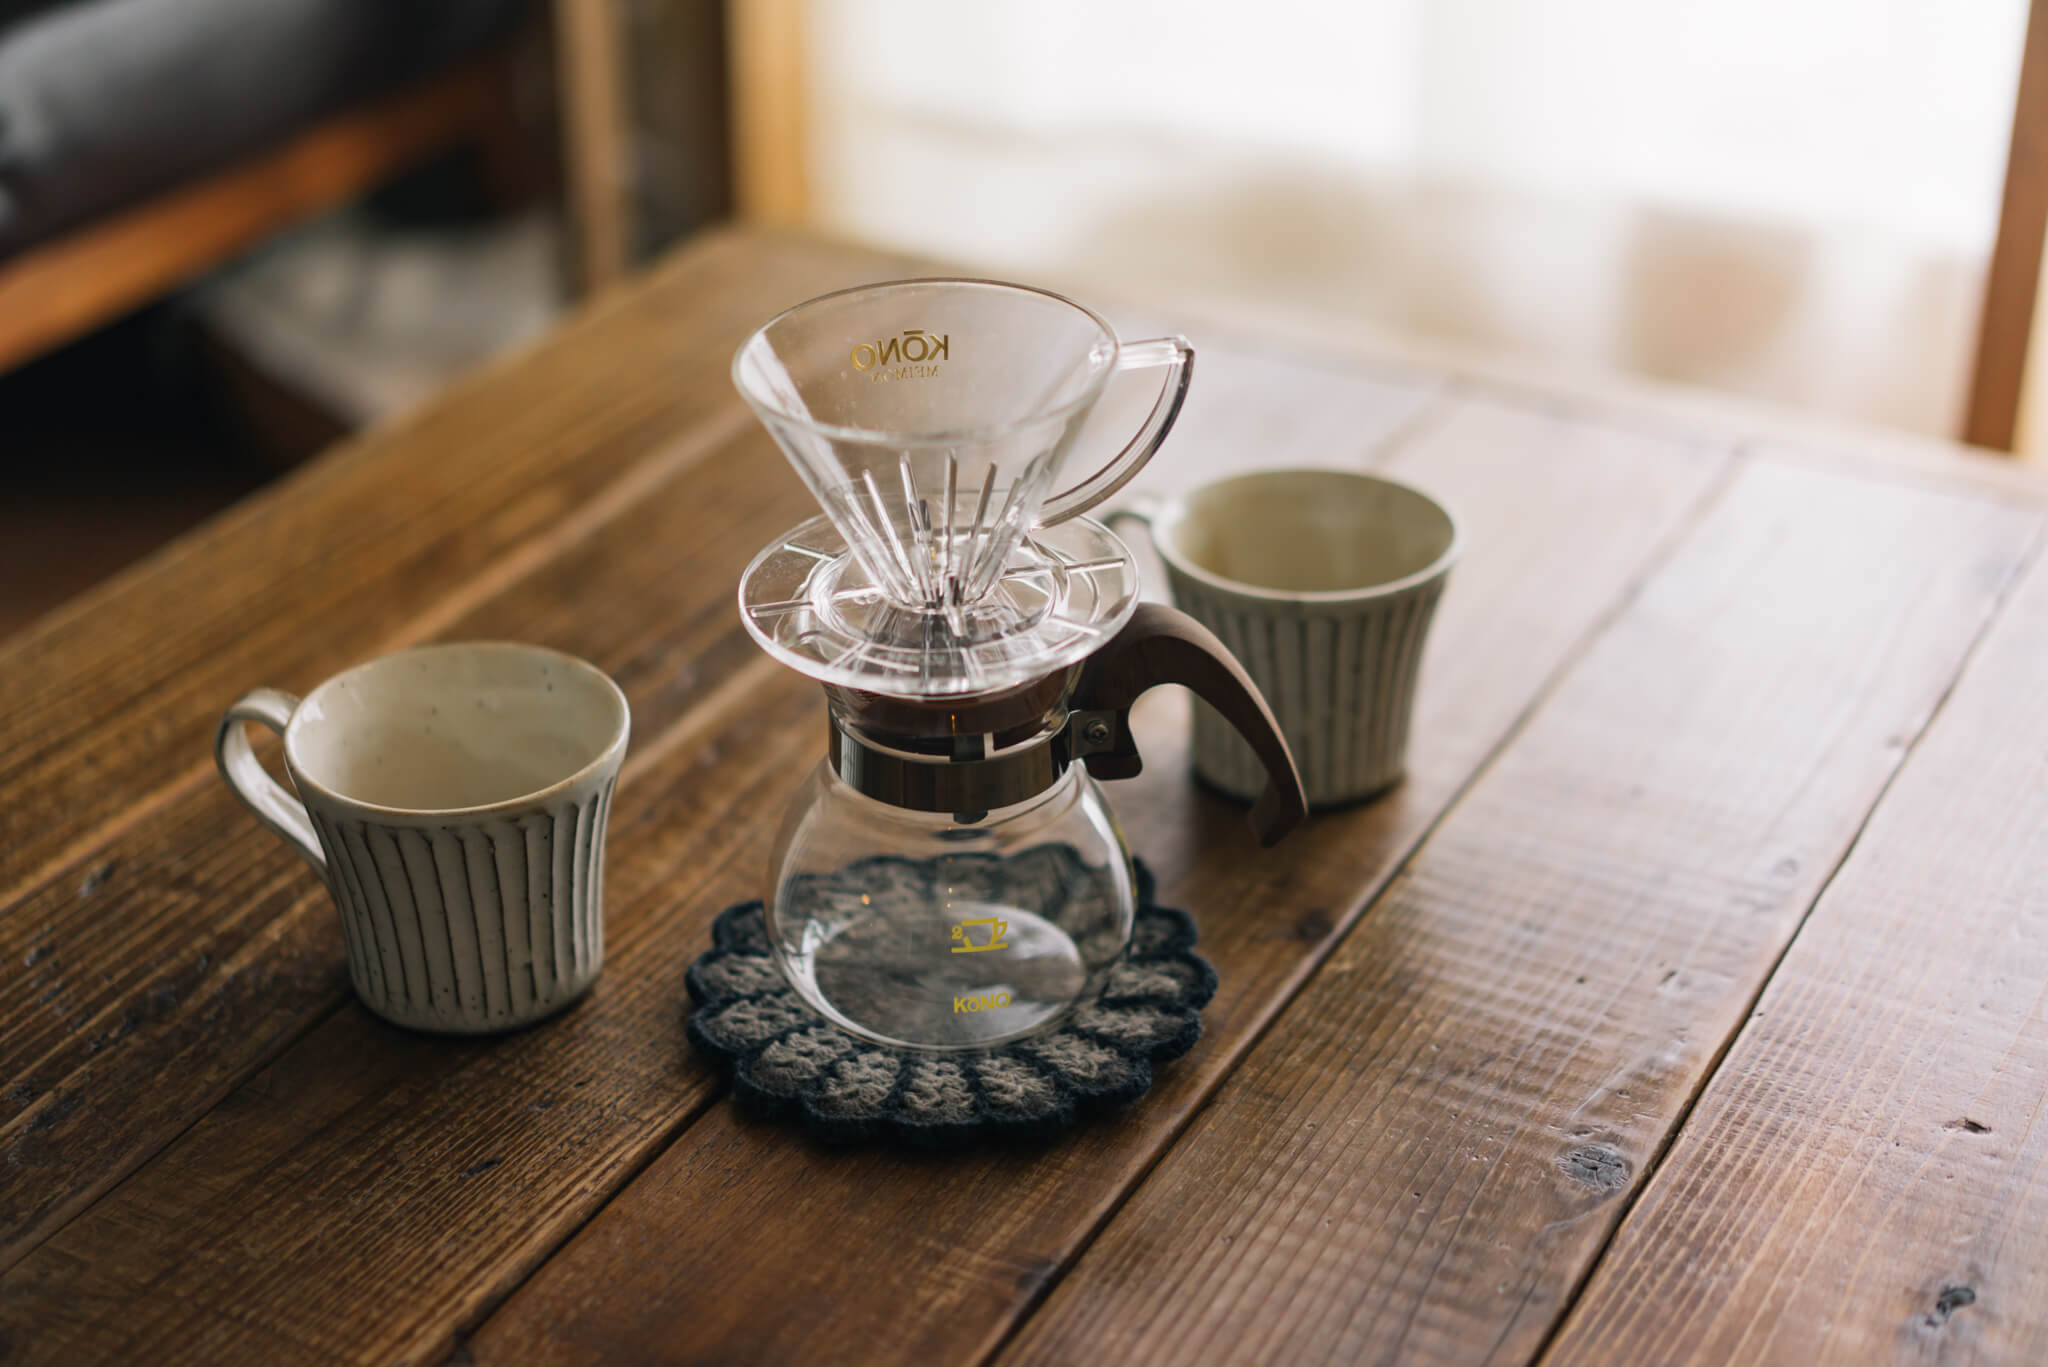 「カリタ式」「メリタ式」などと並んで、こちらもコーヒー好きに人気、プロも使用しているKONO式コーヒードリッパー。ウッドハンドルタイプのものはインテリアによく馴染みます。